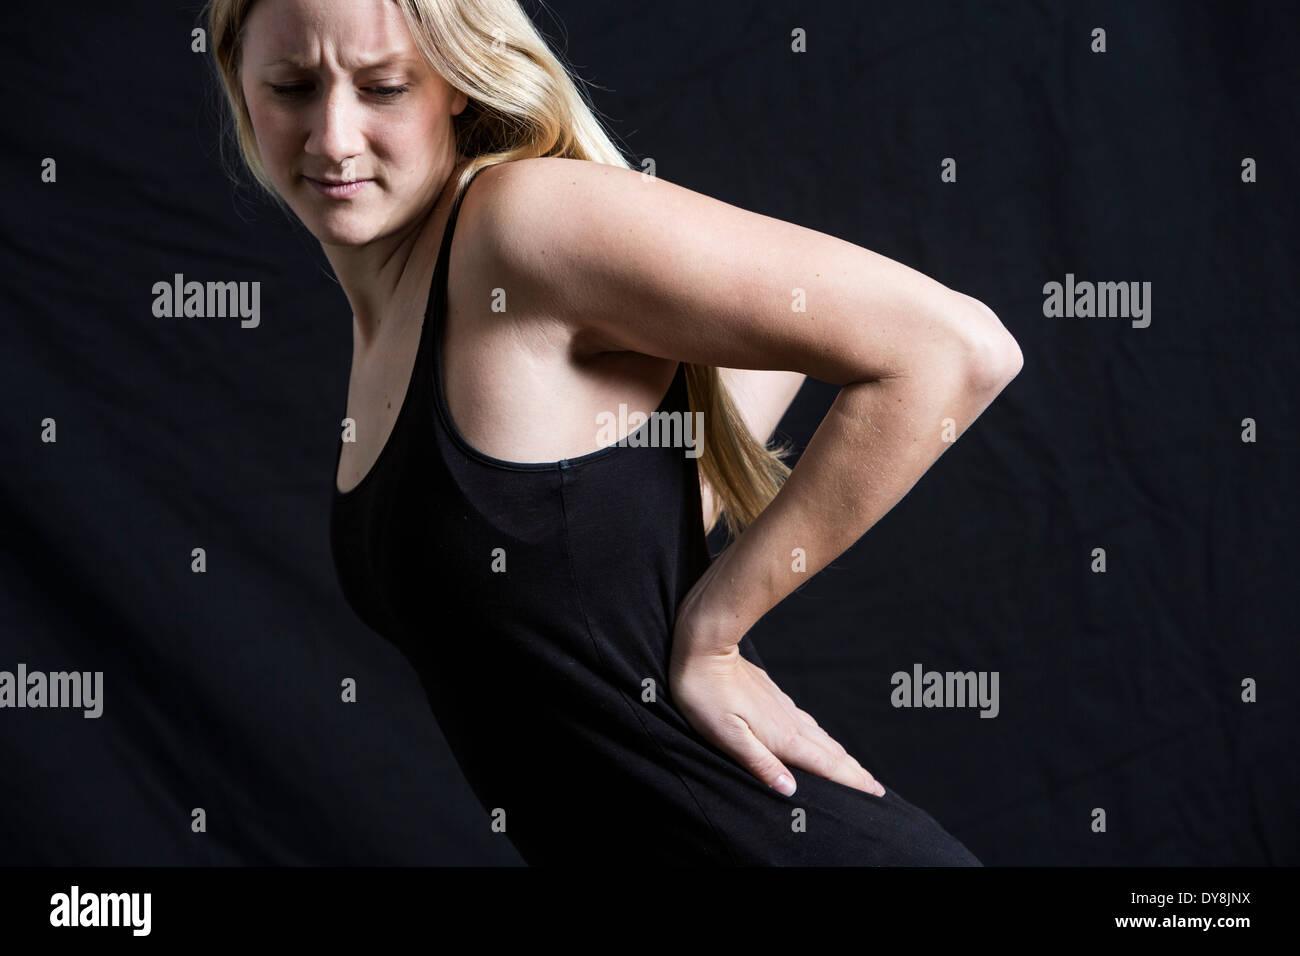 Junge Frau hat Rückenschmerzen Stockbild